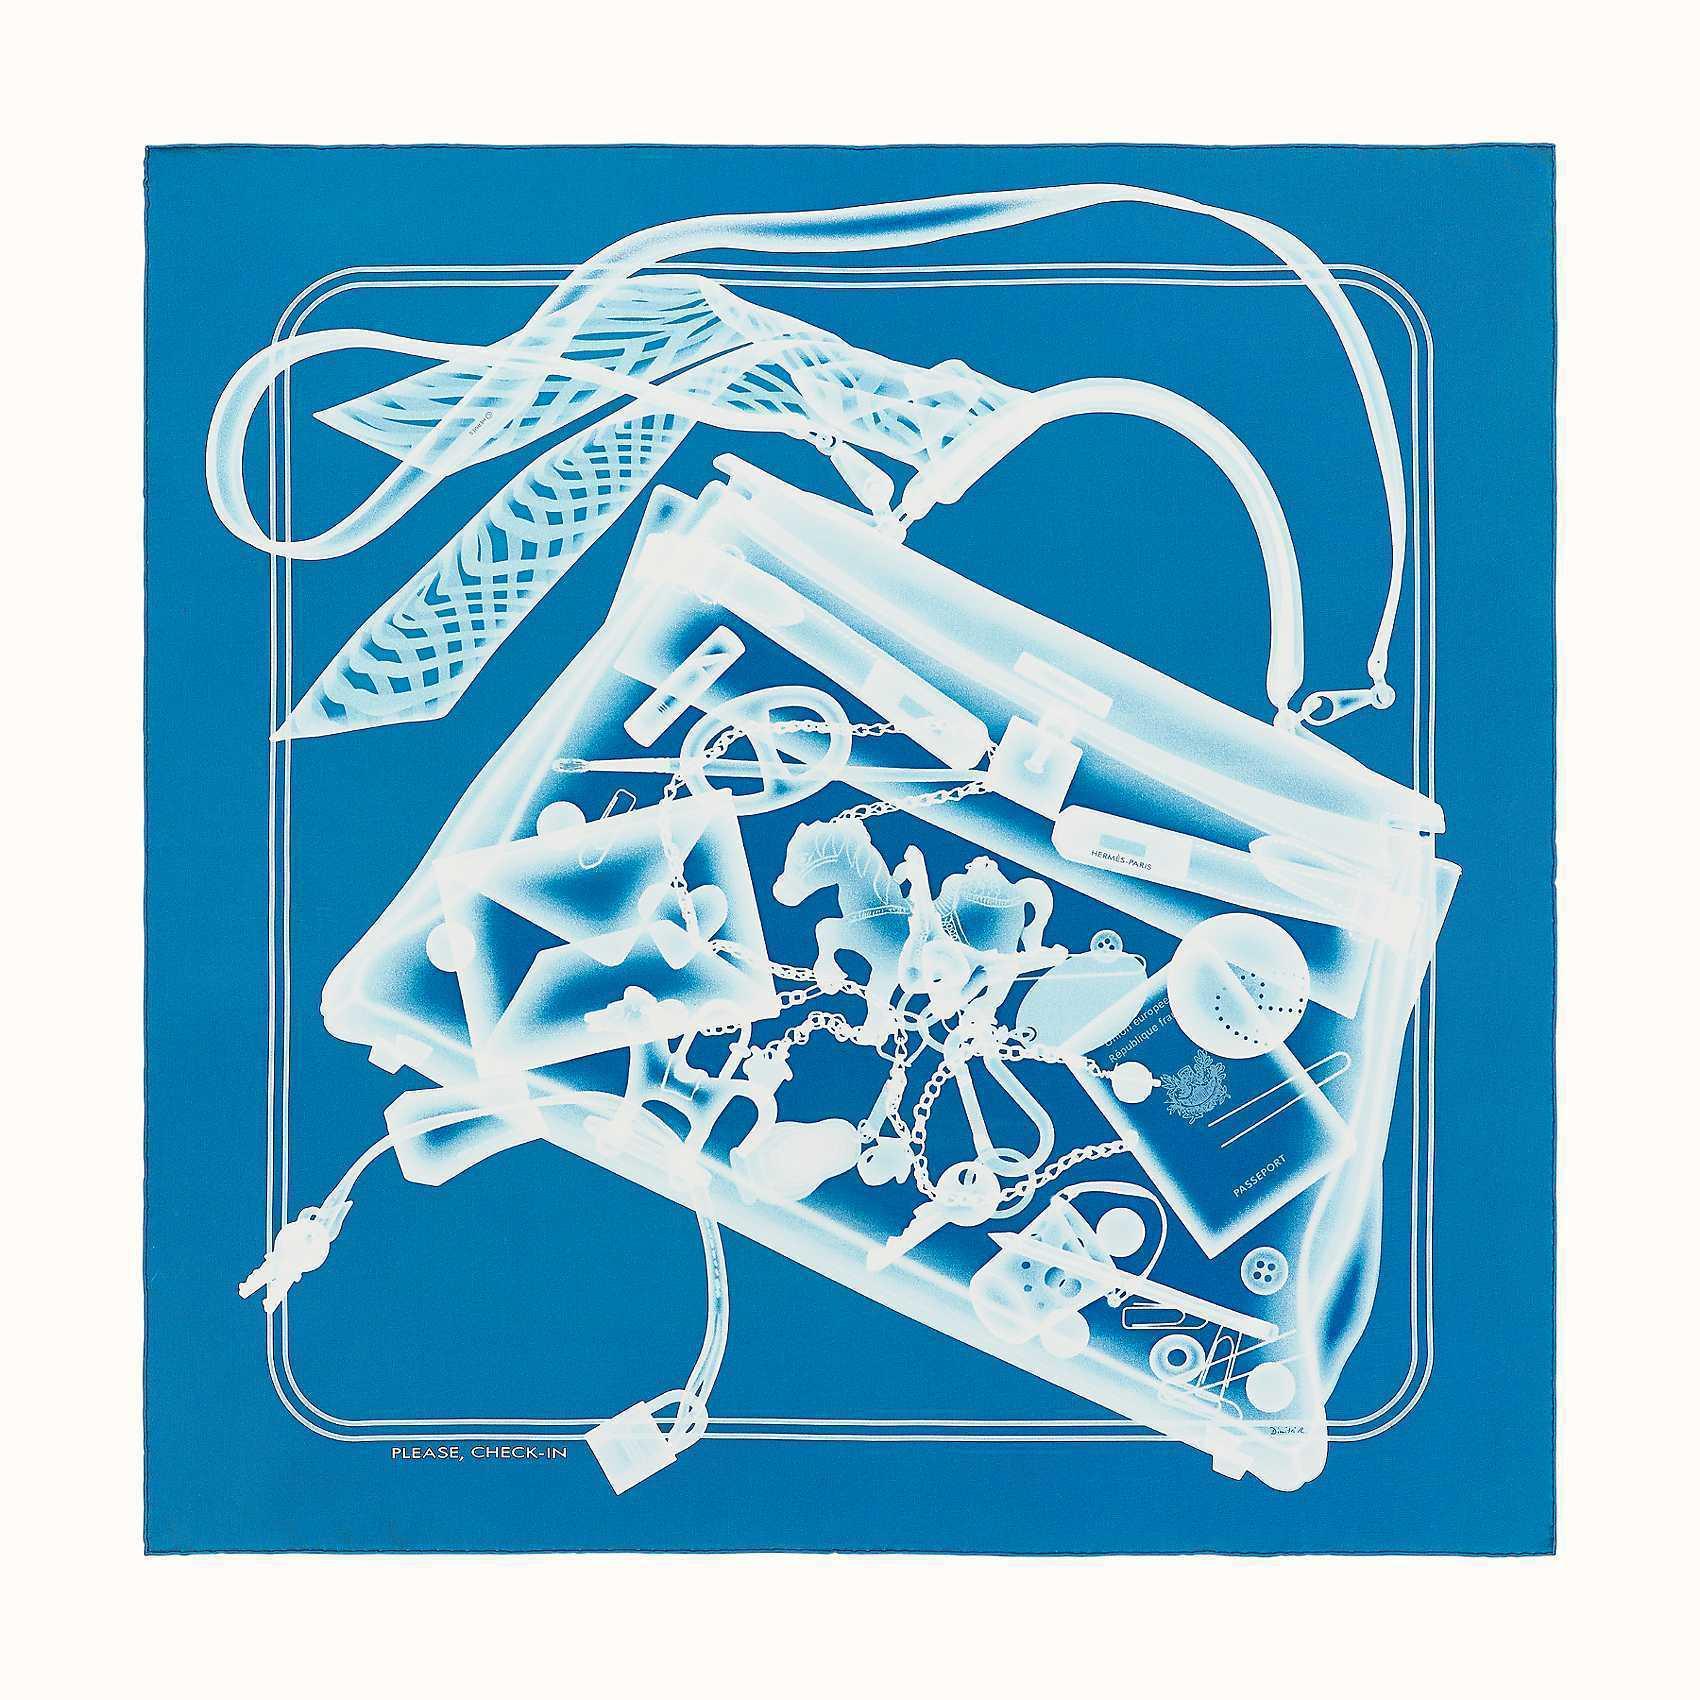 HERMES Please, Check-In scarf 90 - Bleu Moyen/Ciel/Blanc